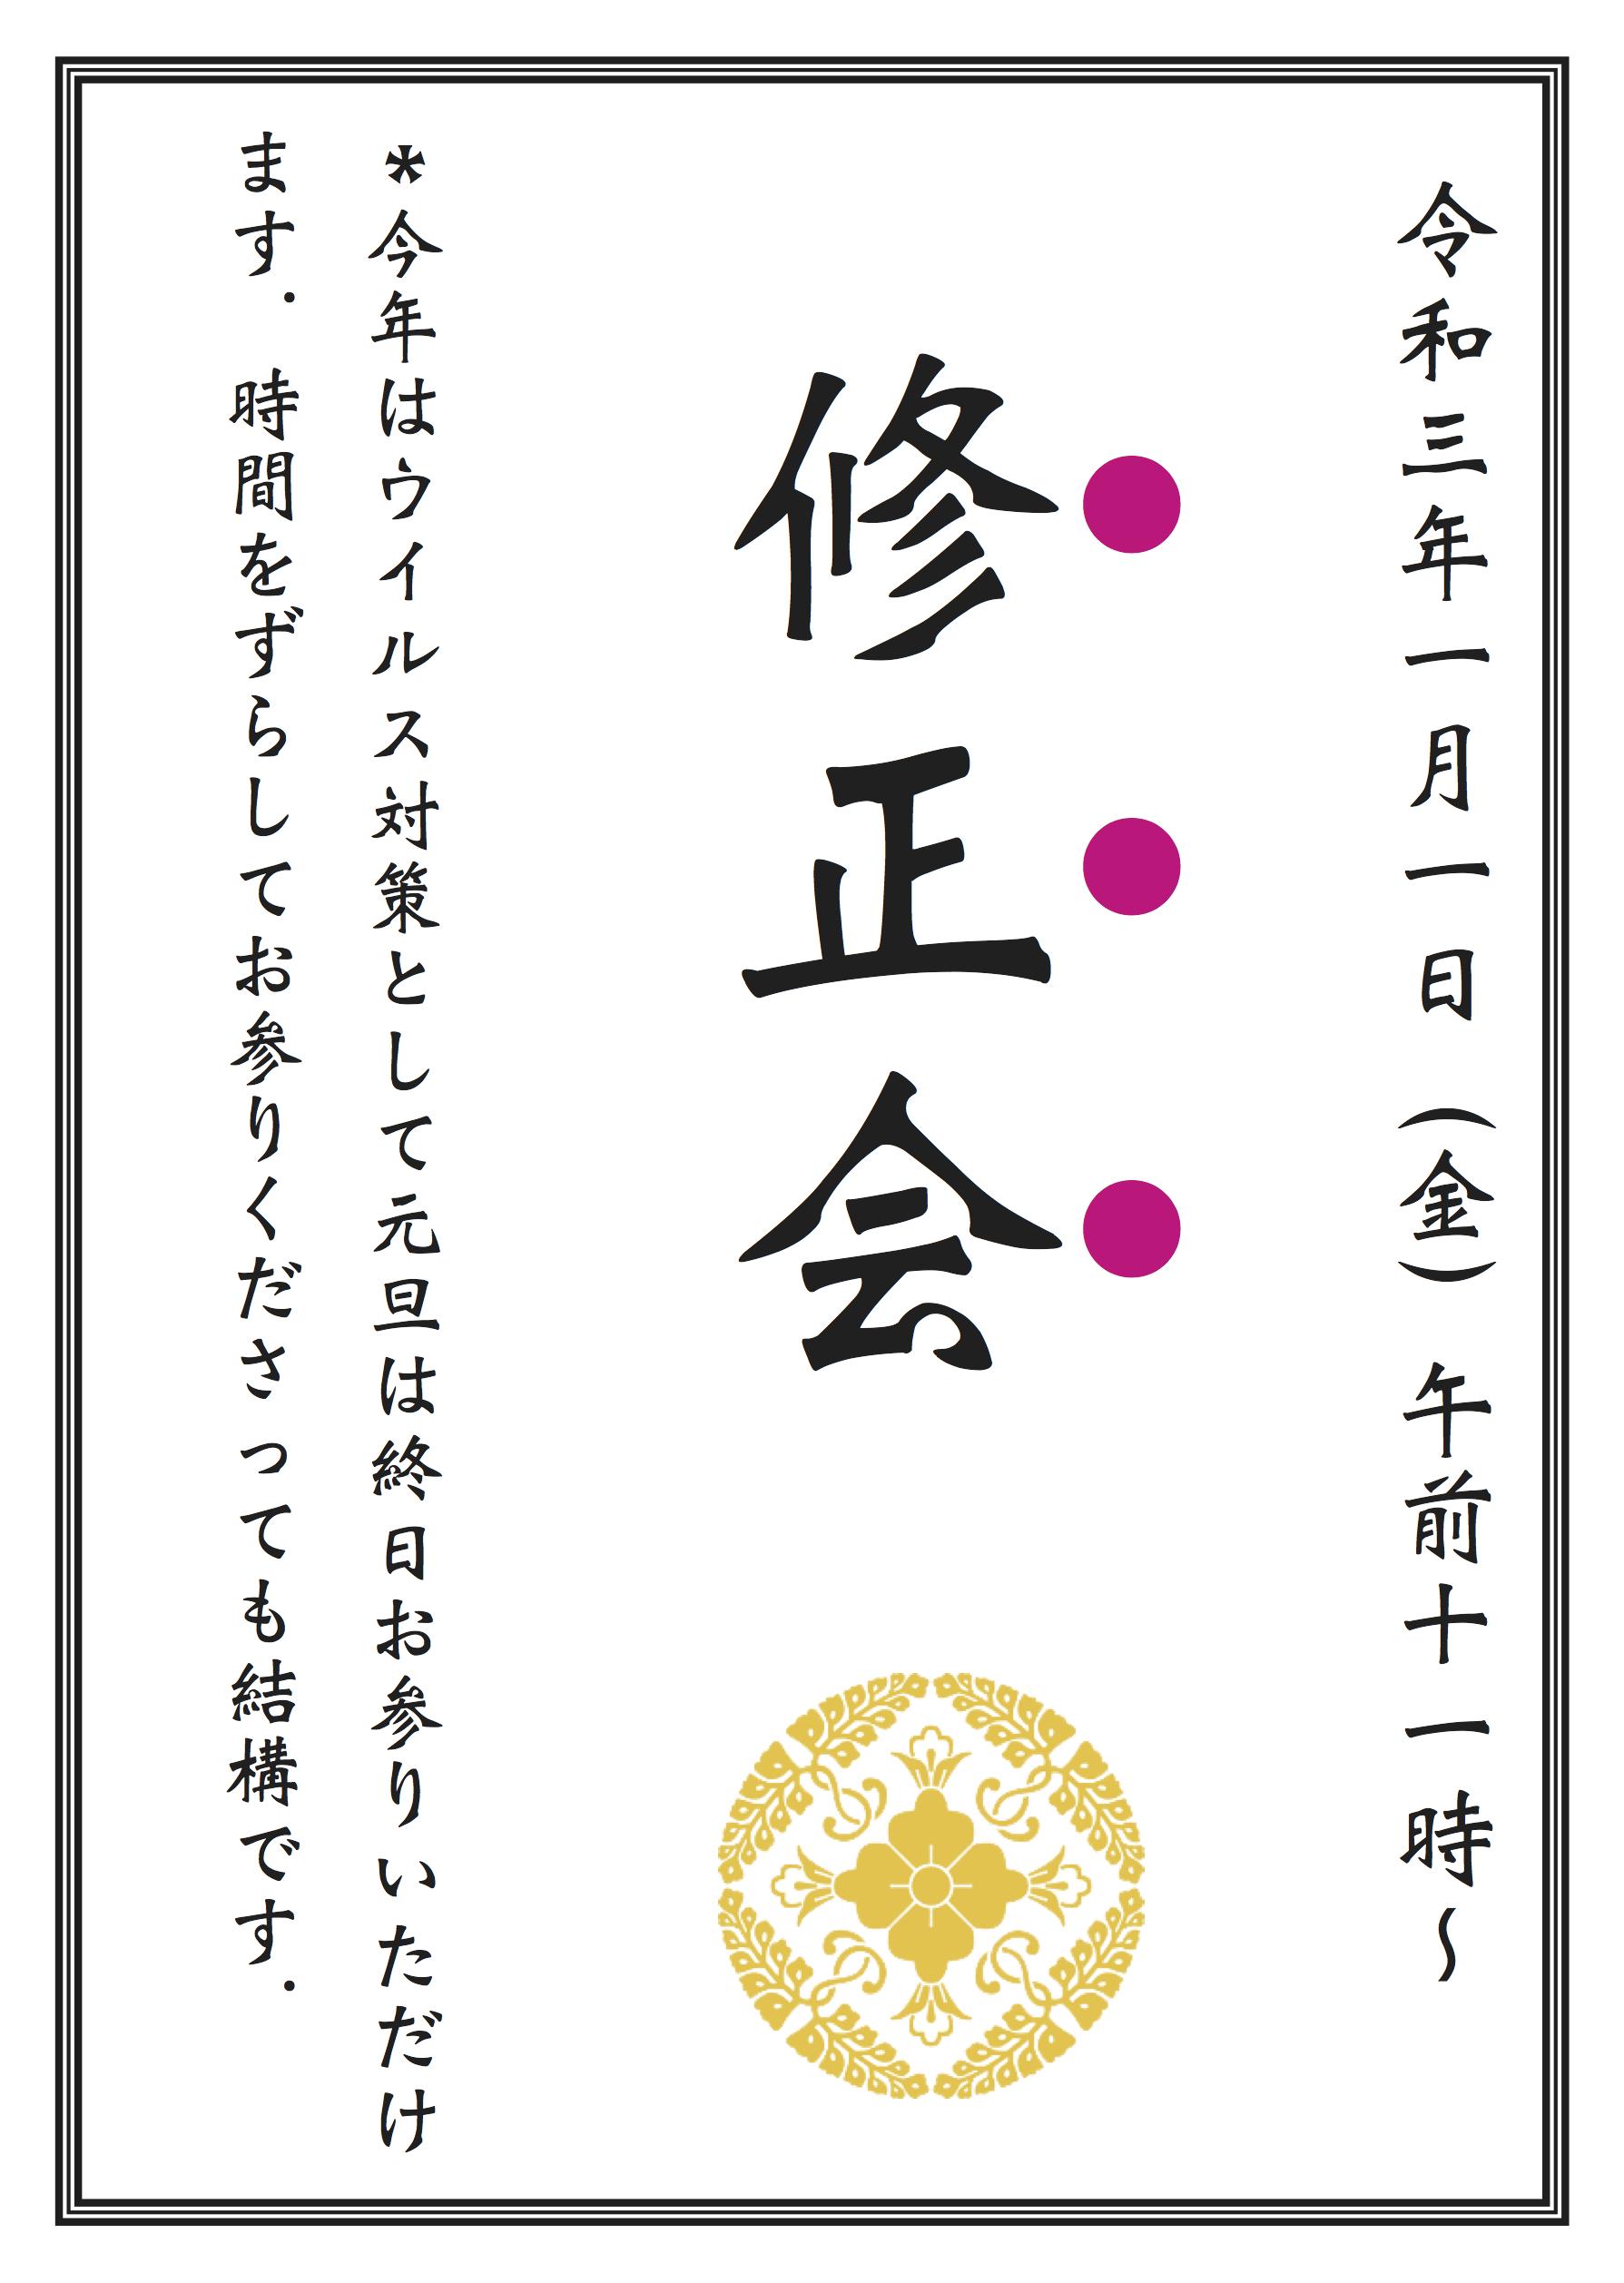 shushoe_2022_keiji.png